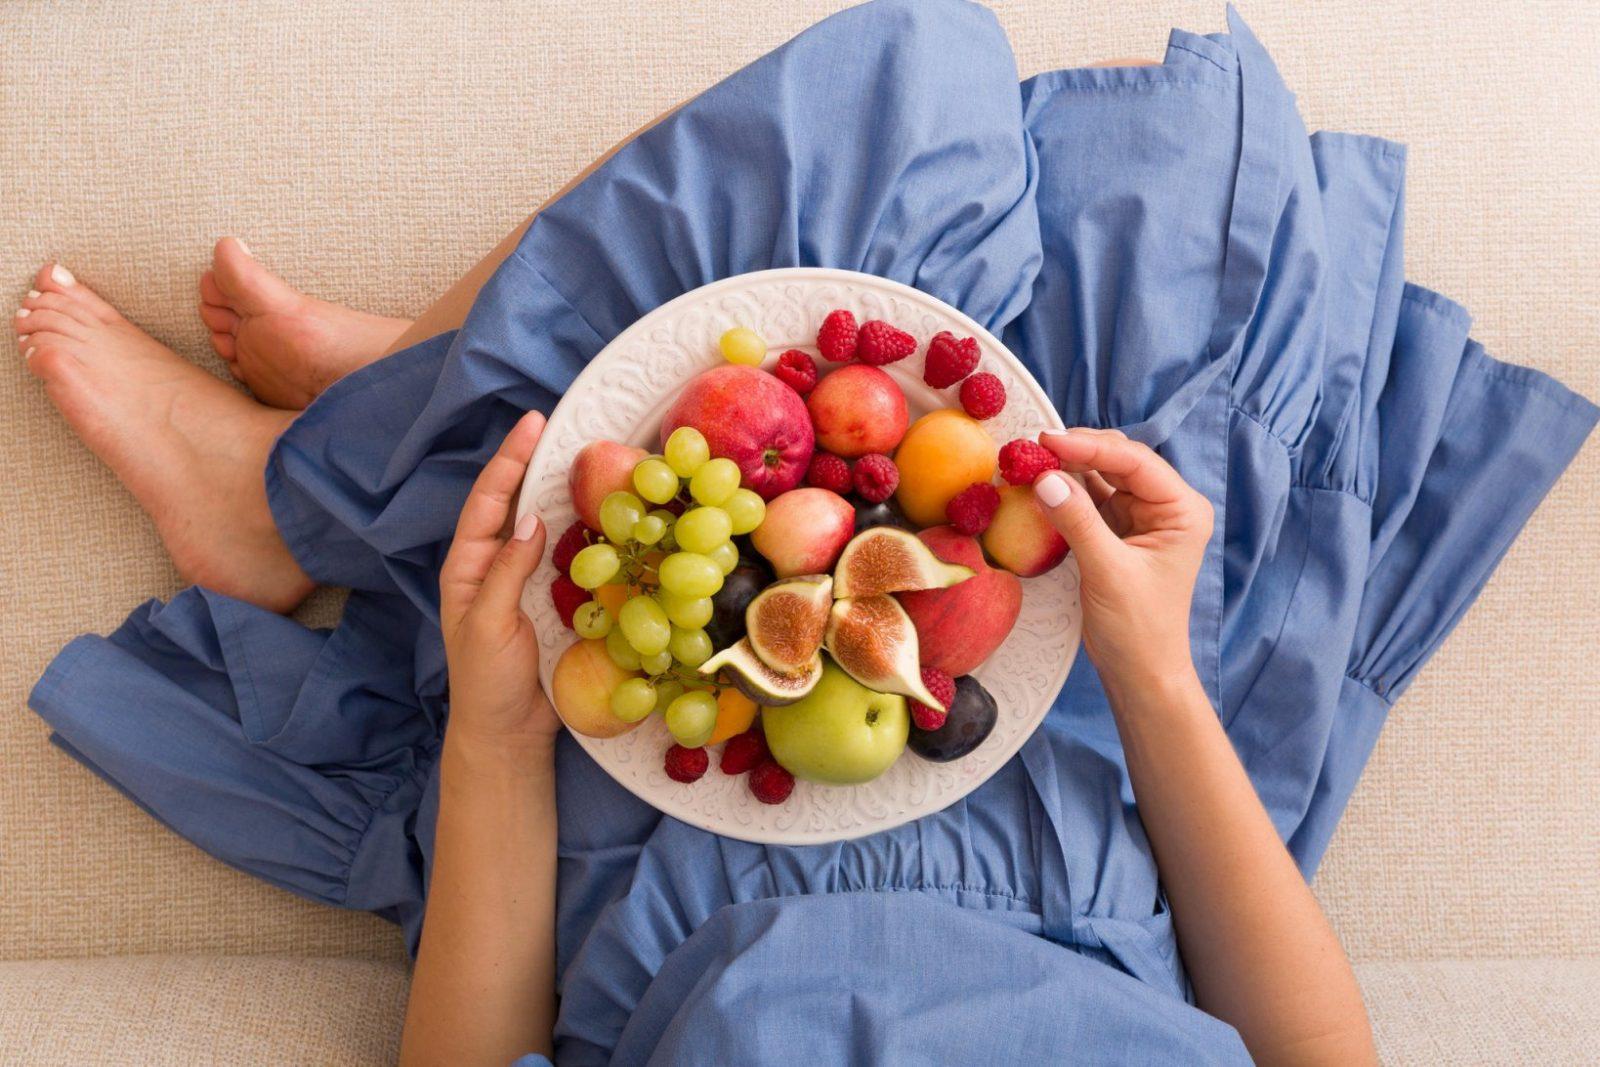 Obstflecken Entfernen – So Klappt's Bestimmt  Brigitte von Stockflecken Entfernen Stoff Hausmittel Bild